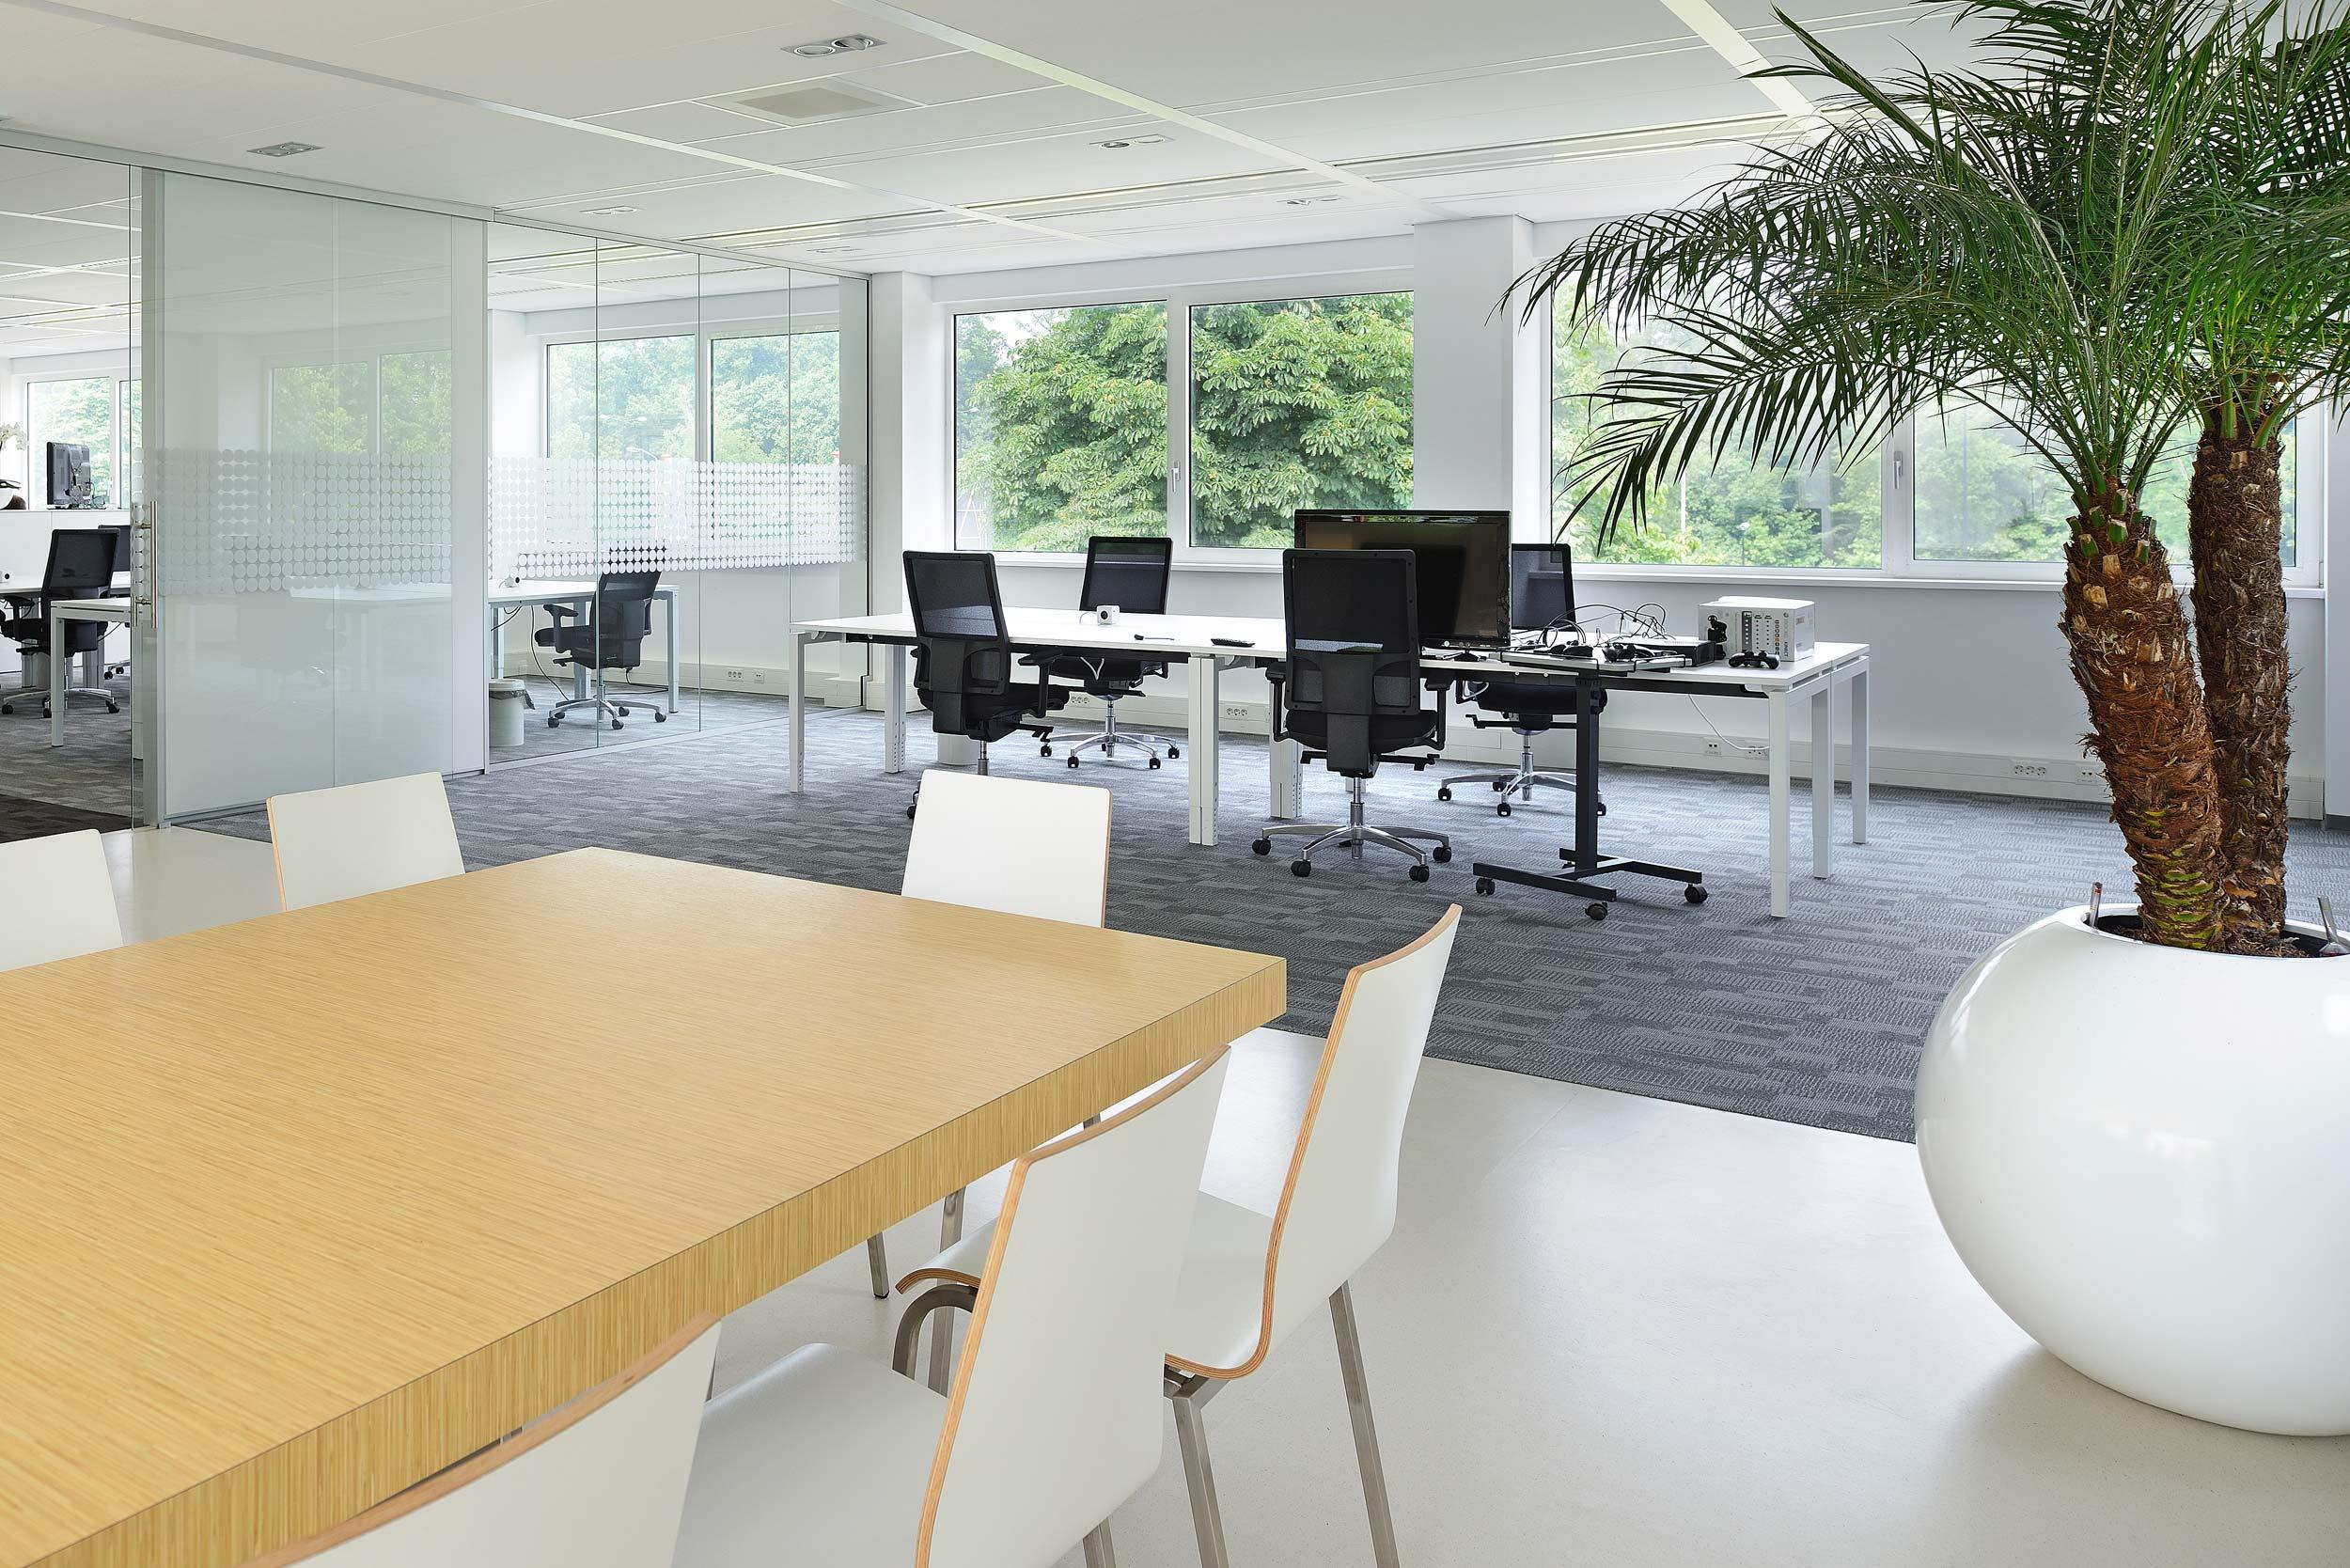 Fizzionparc kantoor interieur - fotograaf Chiel de Nooyer, interieurfotograaf